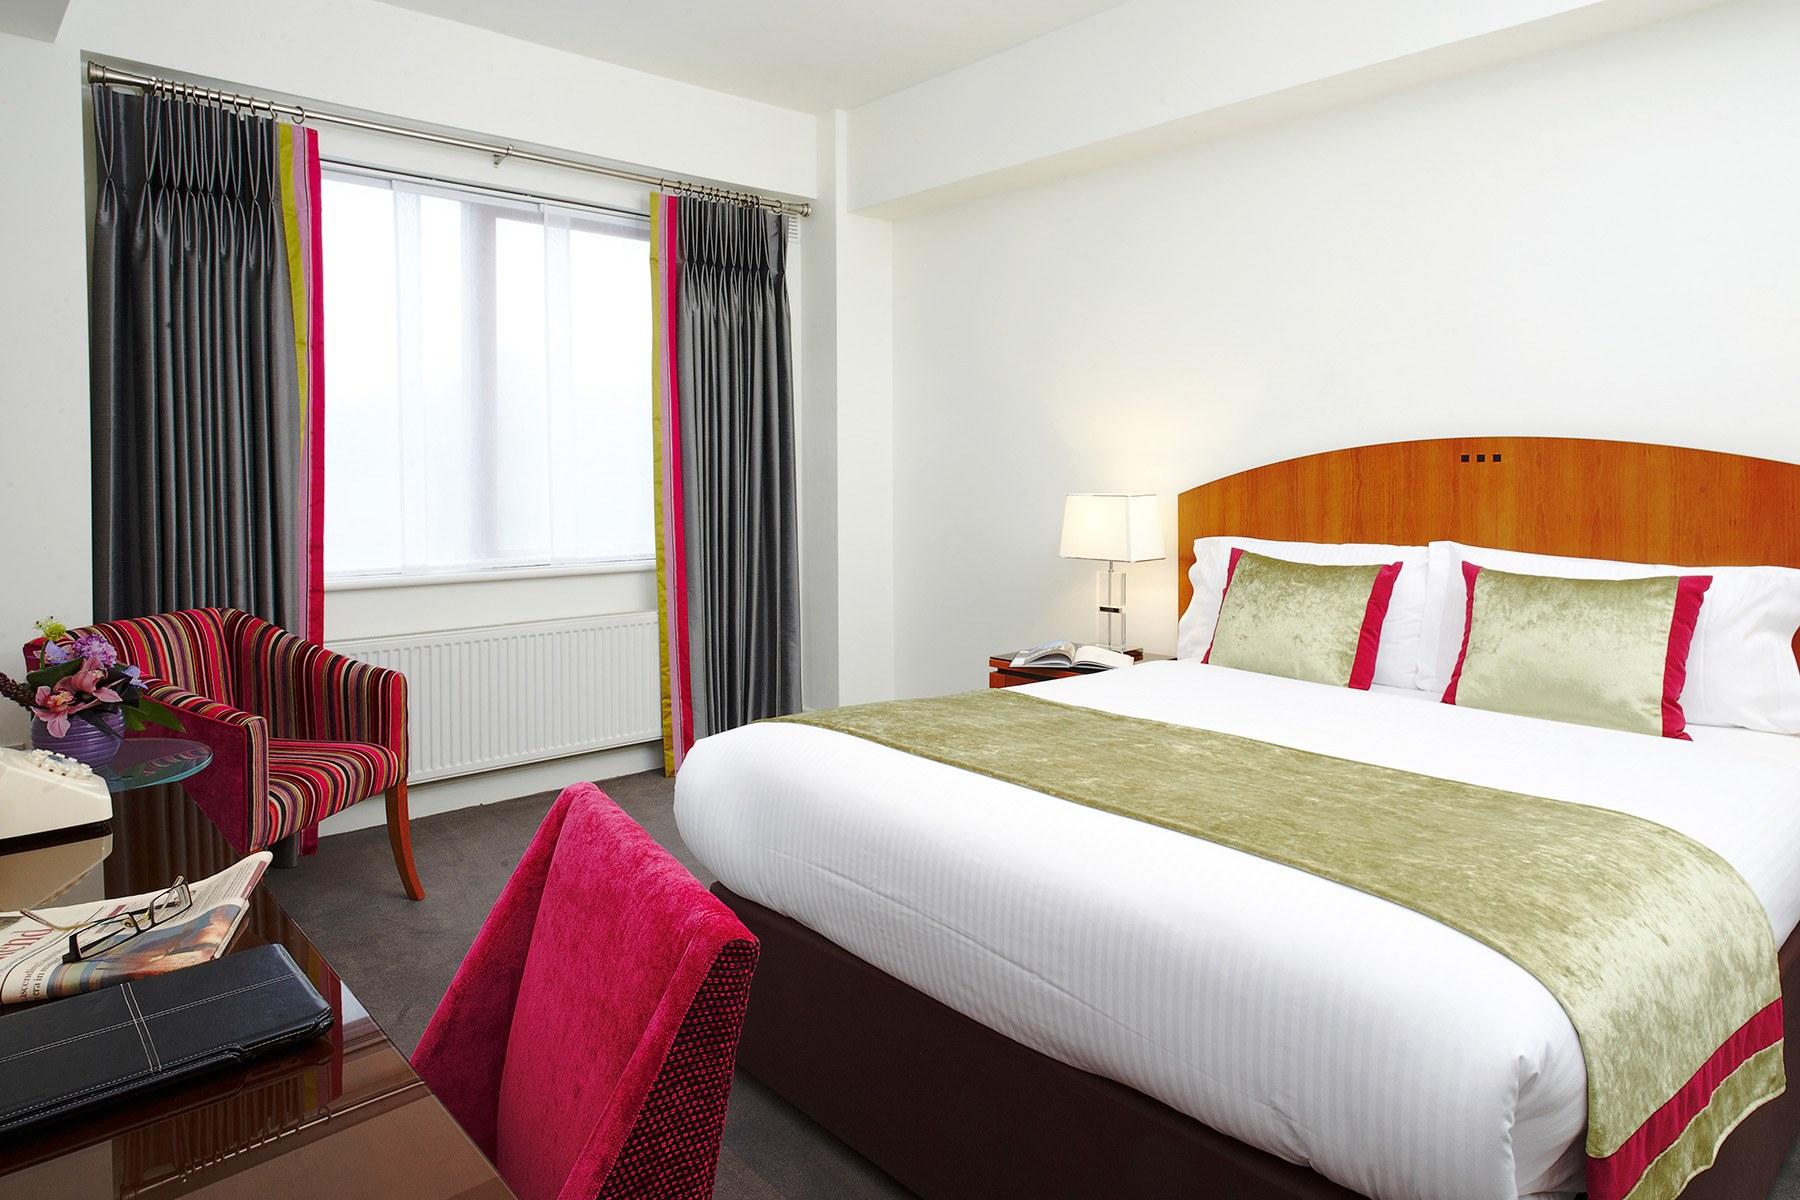 1 2 - Cork Bedroom 2015